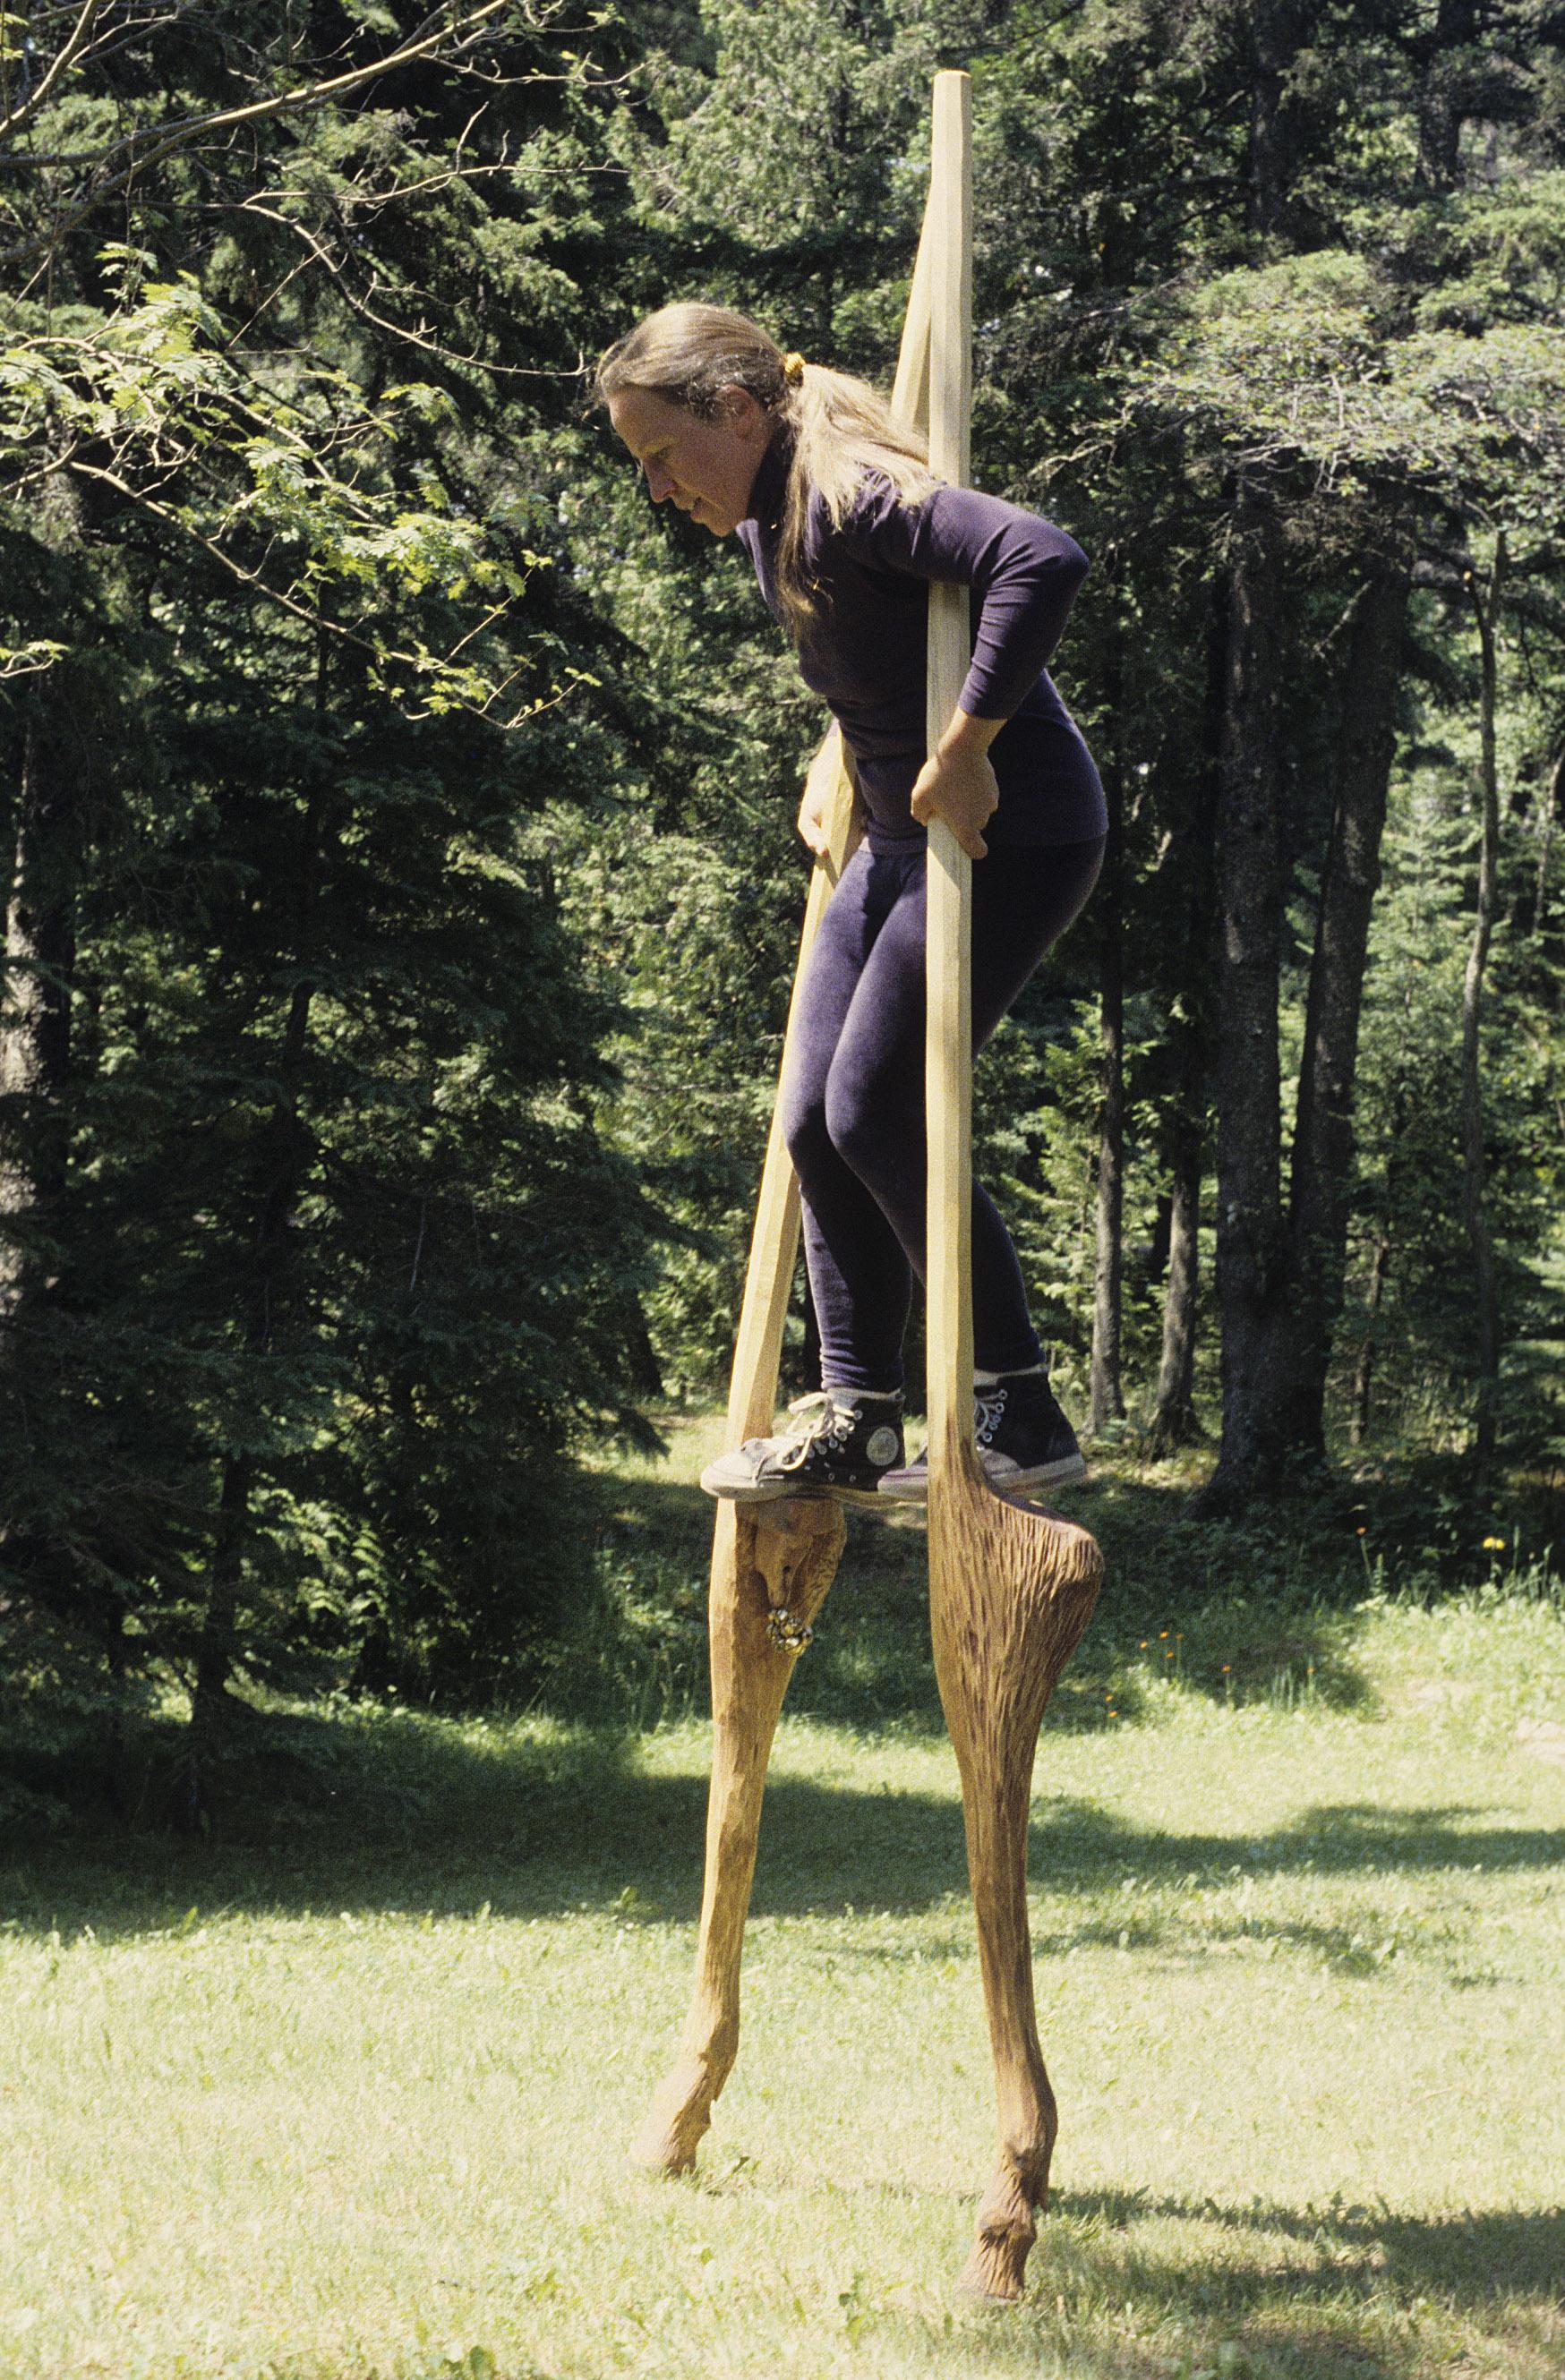 Deer Stilts in action.